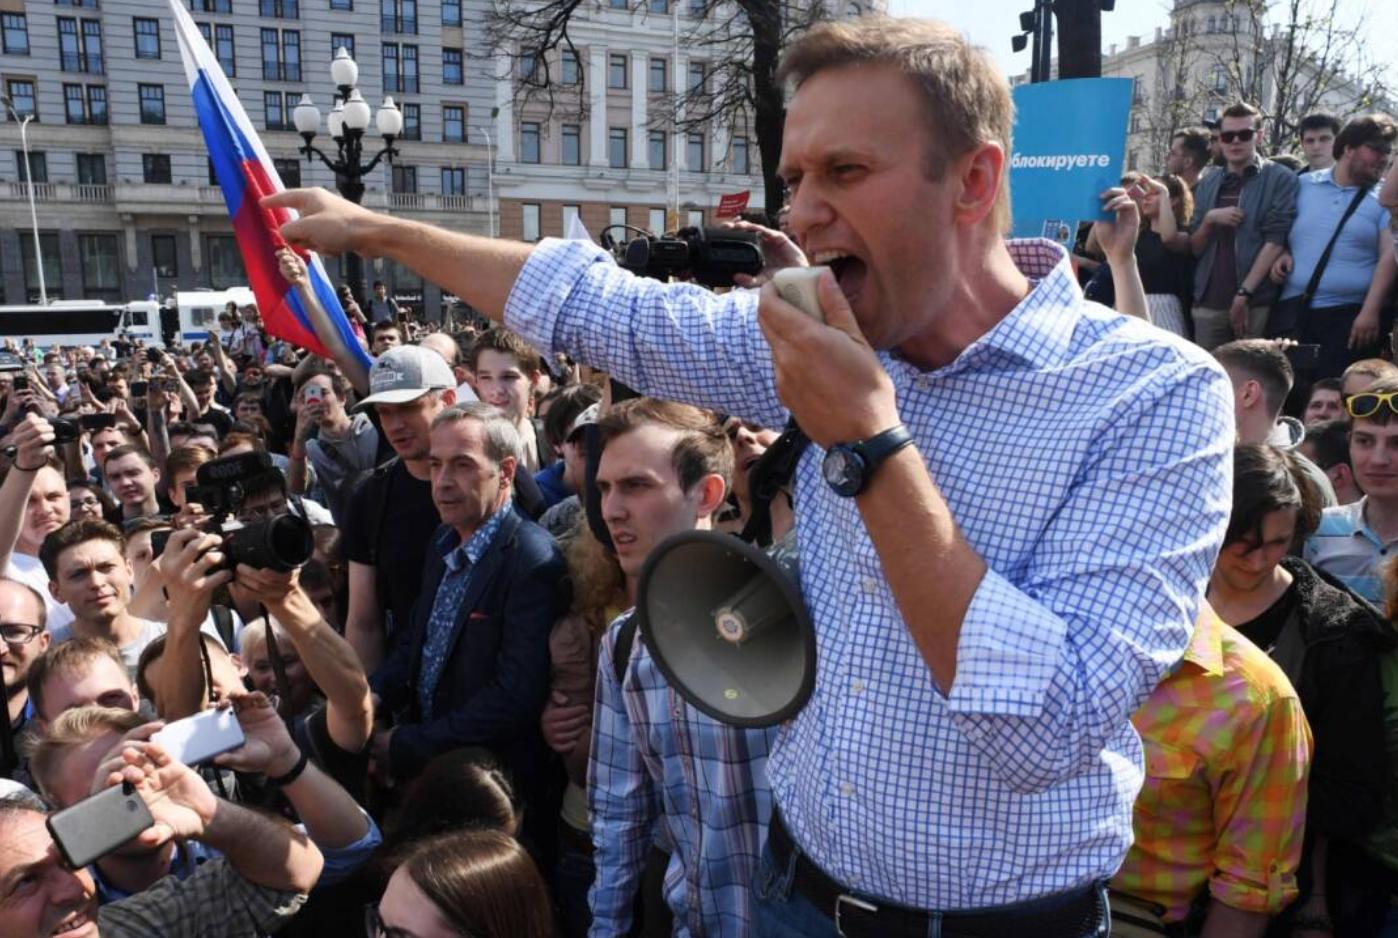 Margir handteknir í mótmælum til stuðnings Navalny: Búist við mótmælum í 60 borgum í Rússlandi